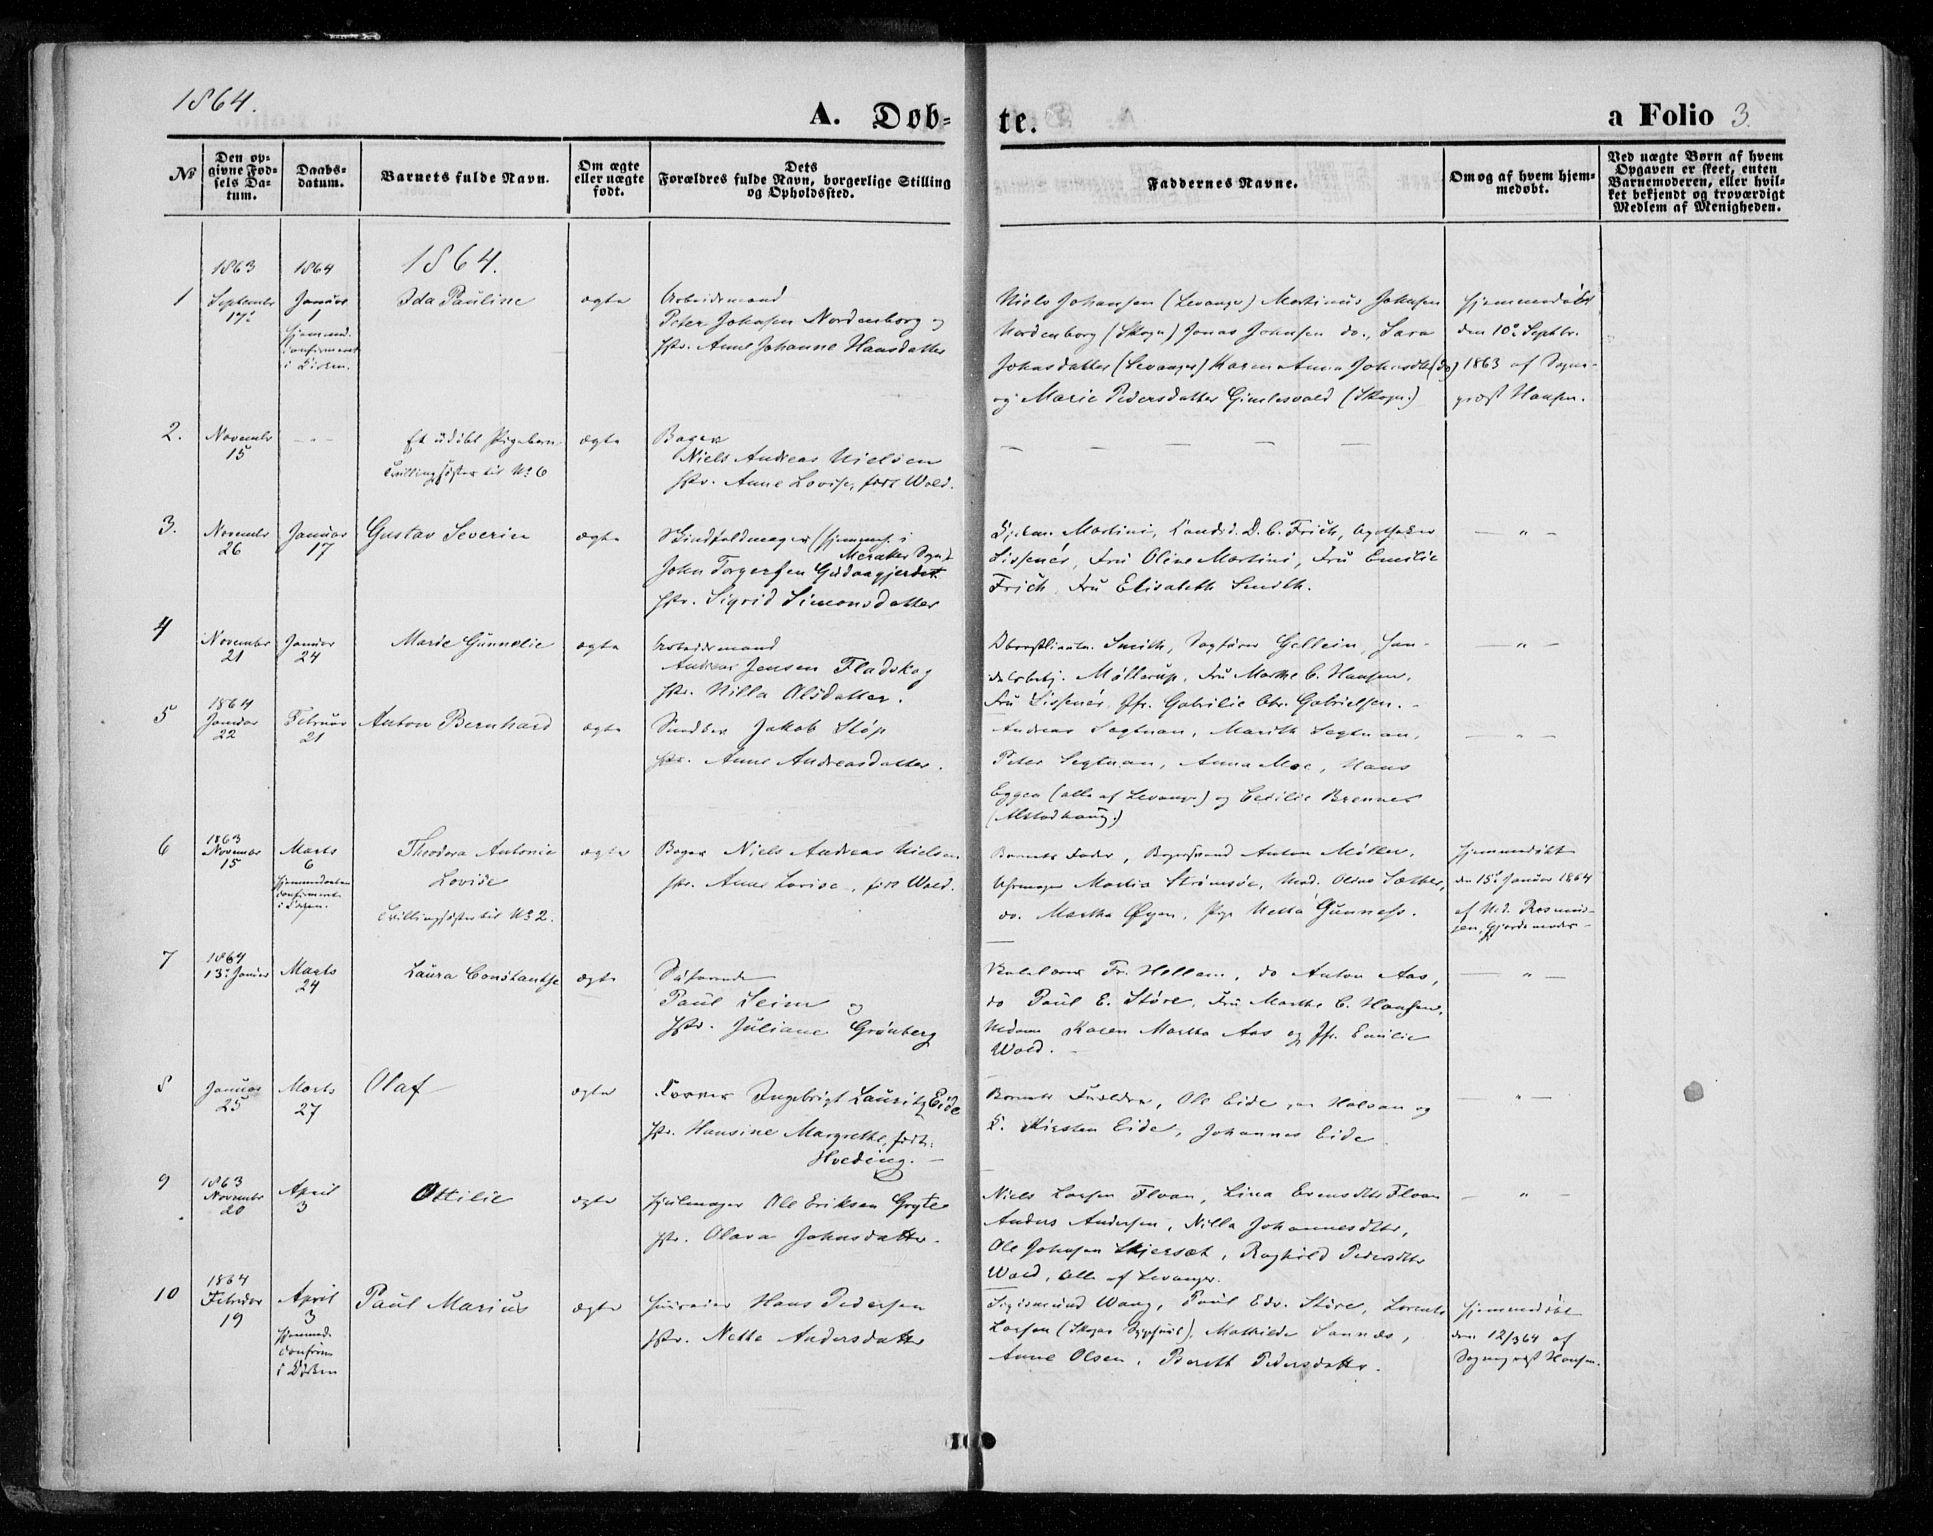 SAT, Ministerialprotokoller, klokkerbøker og fødselsregistre - Nord-Trøndelag, 720/L0186: Ministerialbok nr. 720A03, 1864-1874, s. 3